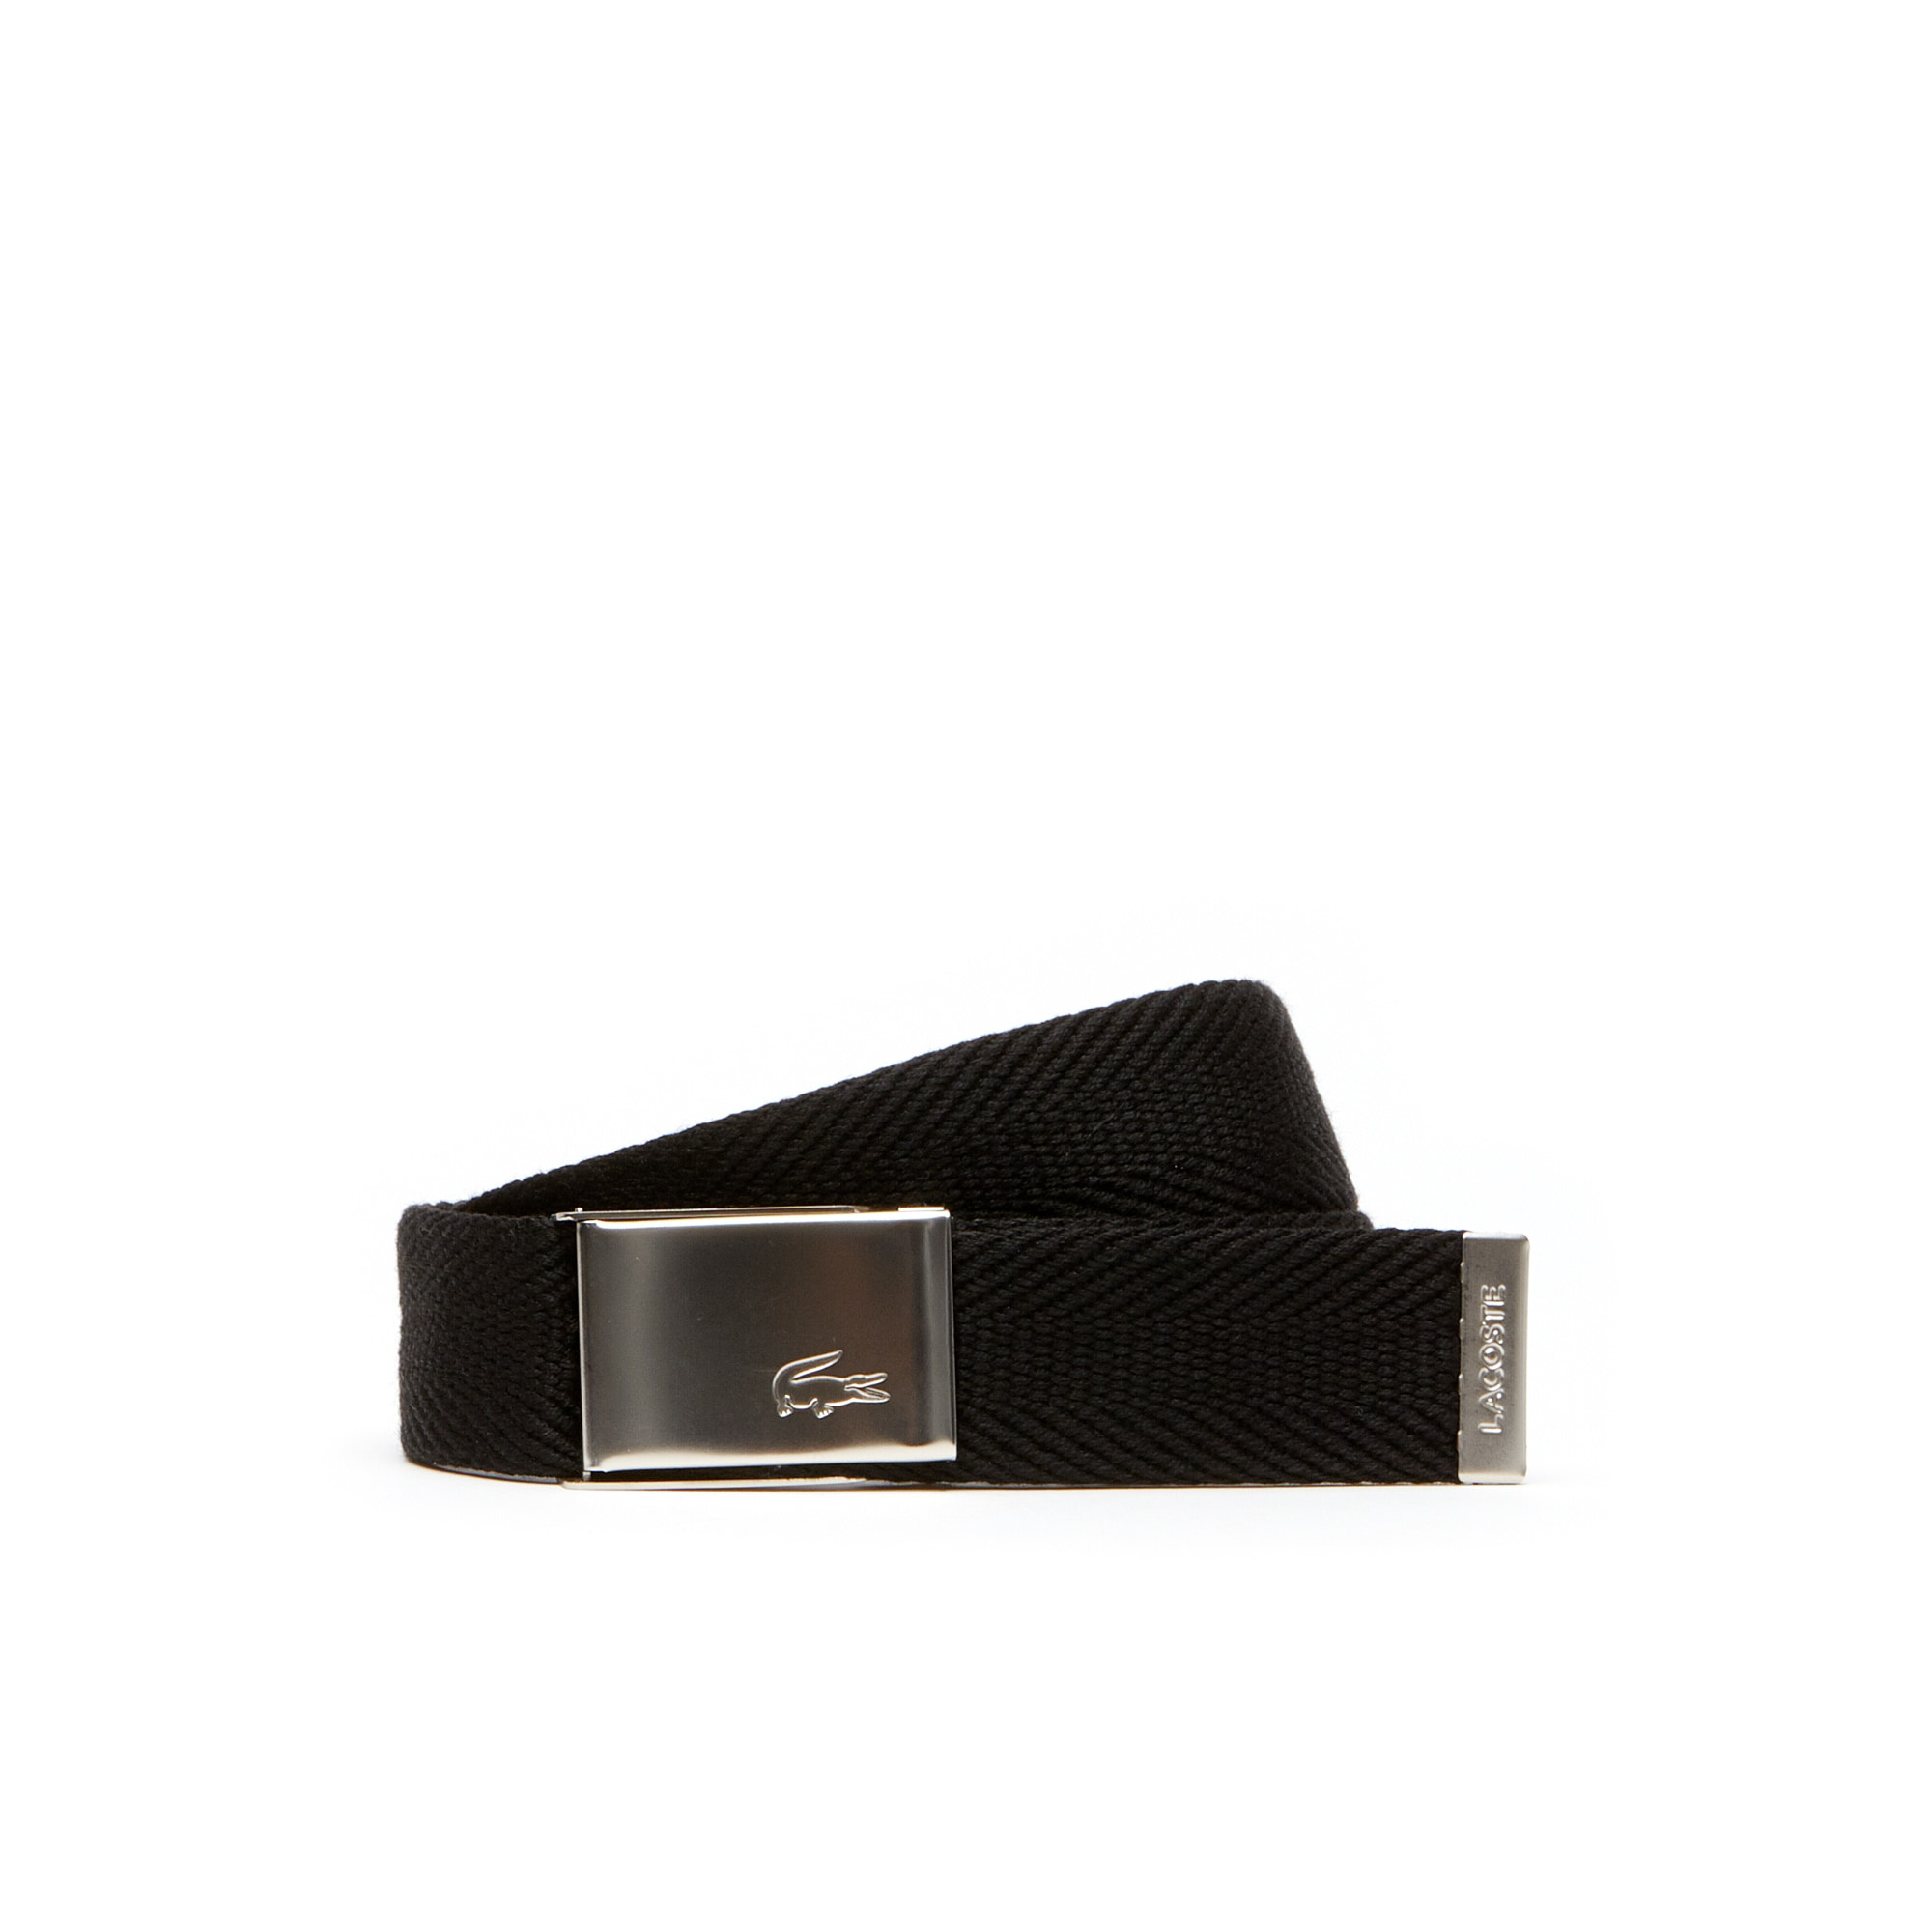 مجموعة هدايا من مجموعة Made in France تشمل حزام منسوج بتوكة عليها حفر